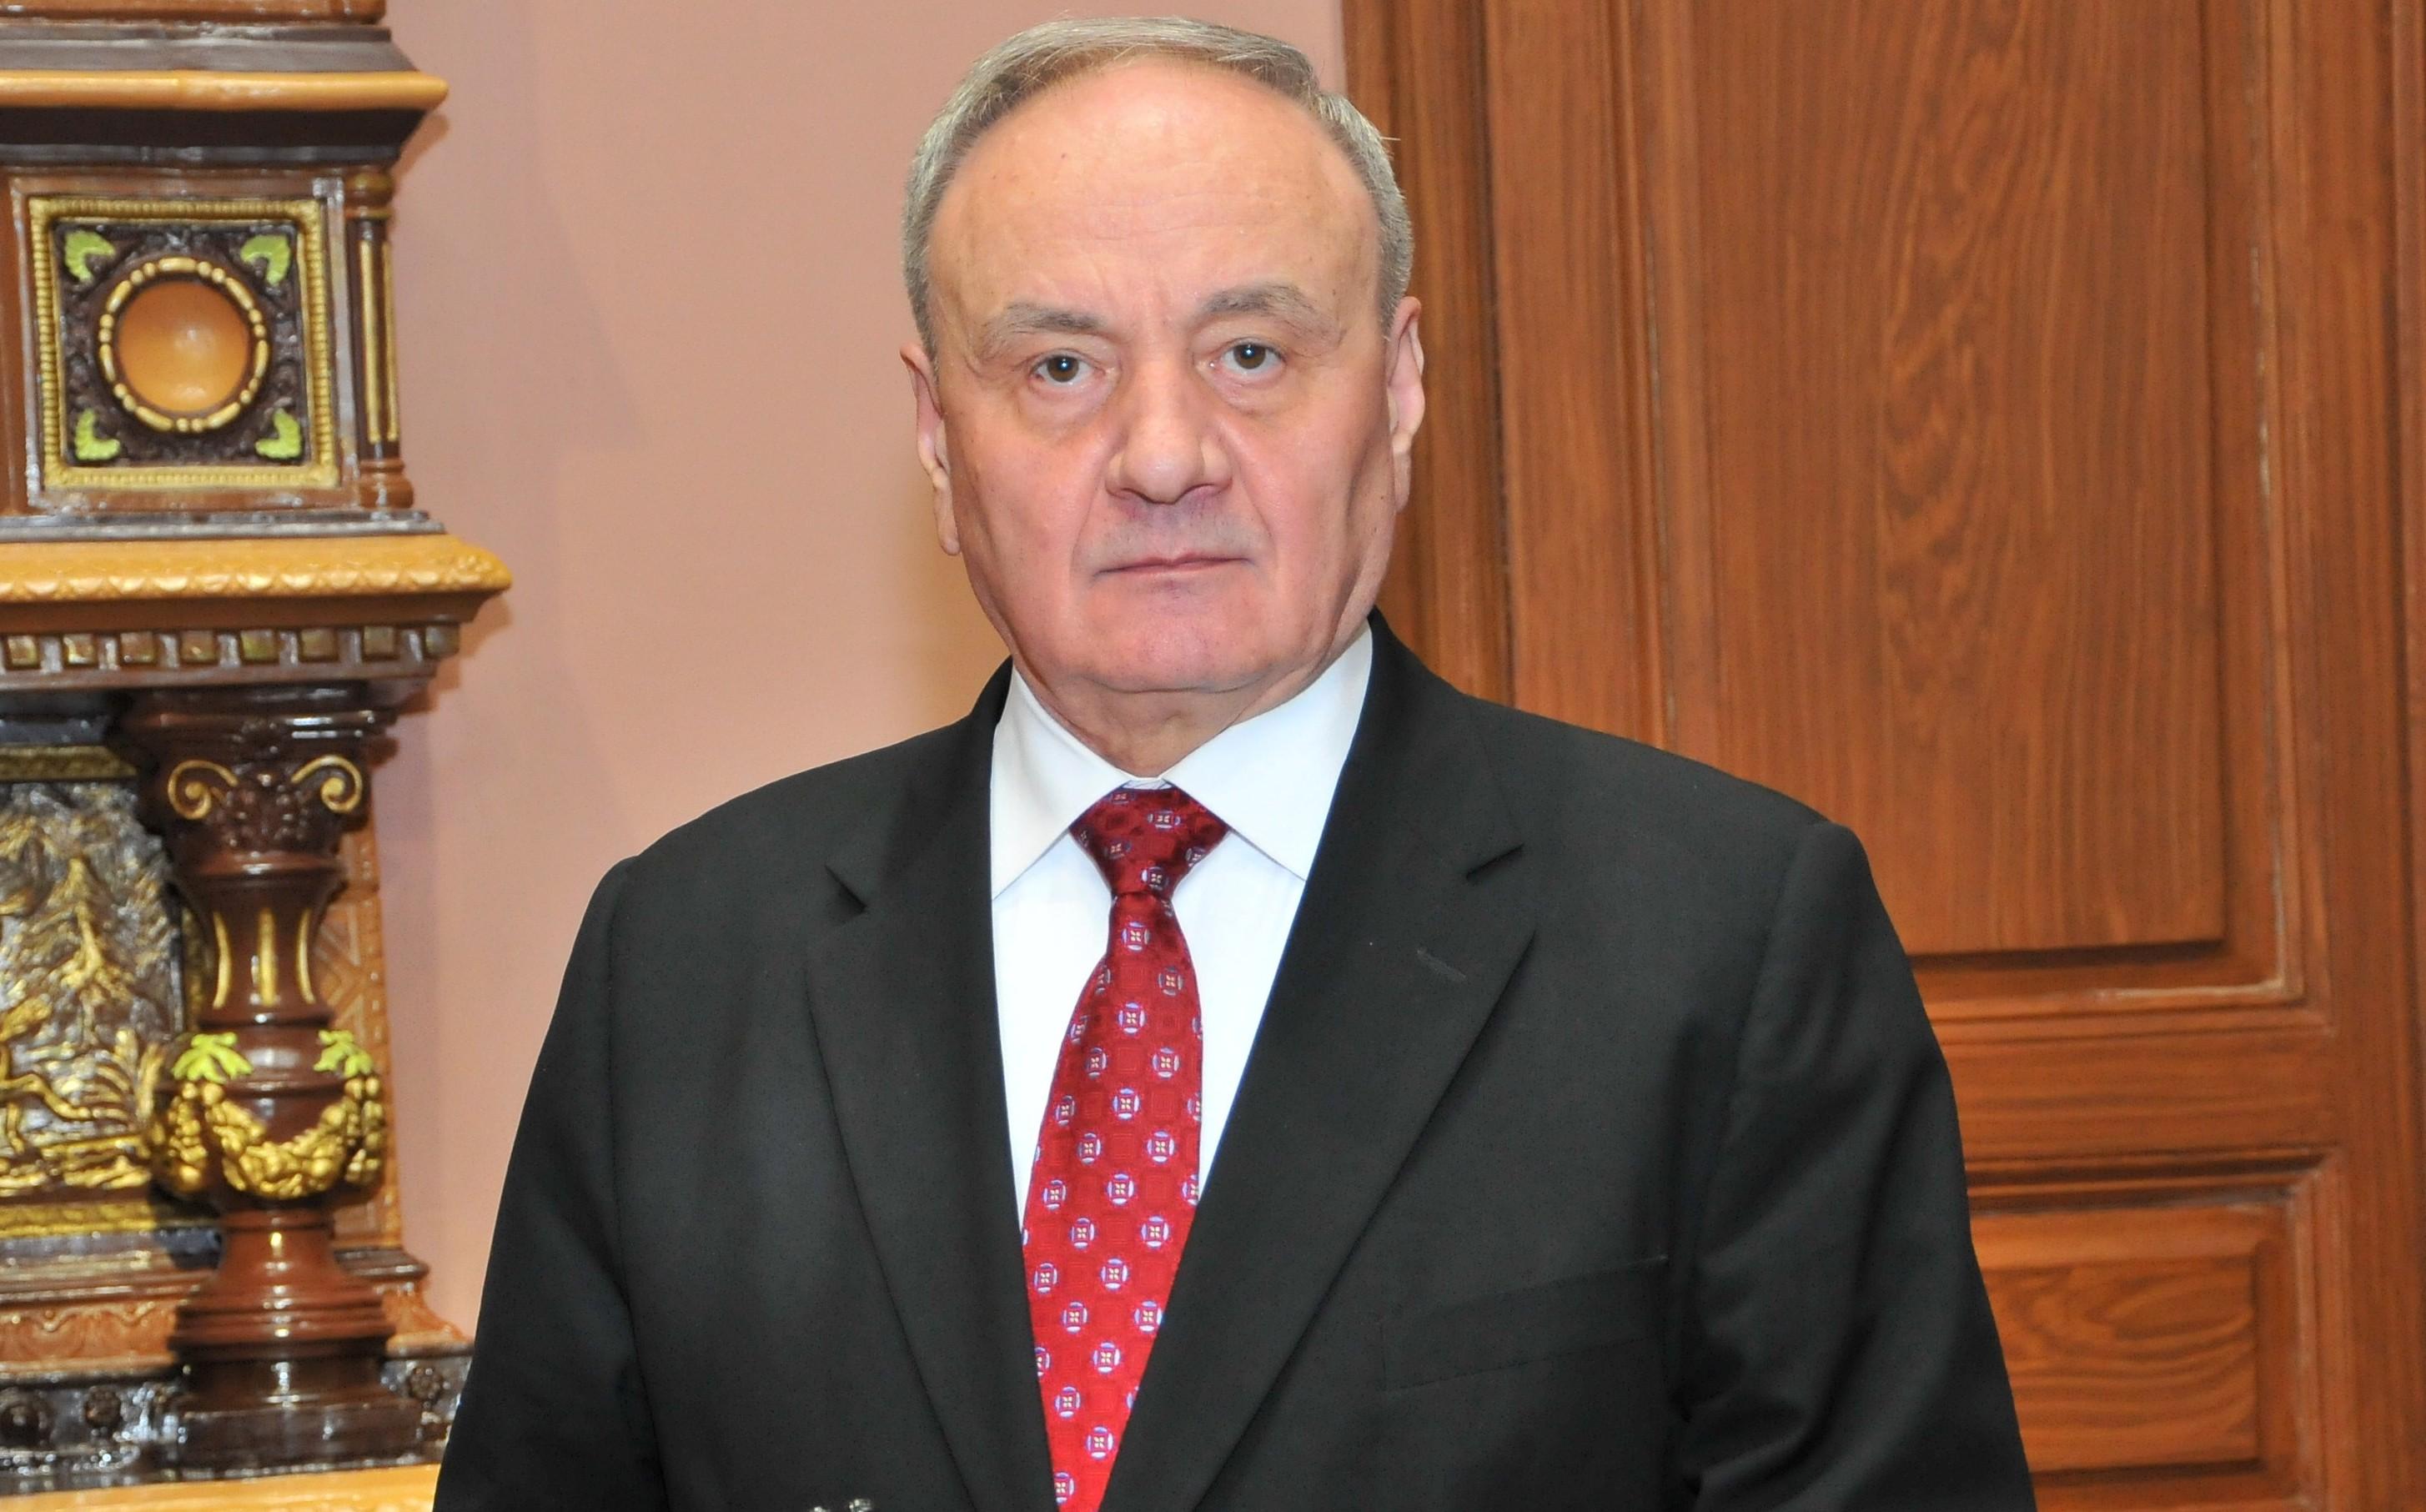 Președintele Nicolae Timofti dă petrecere. Află cu ce ocazie!